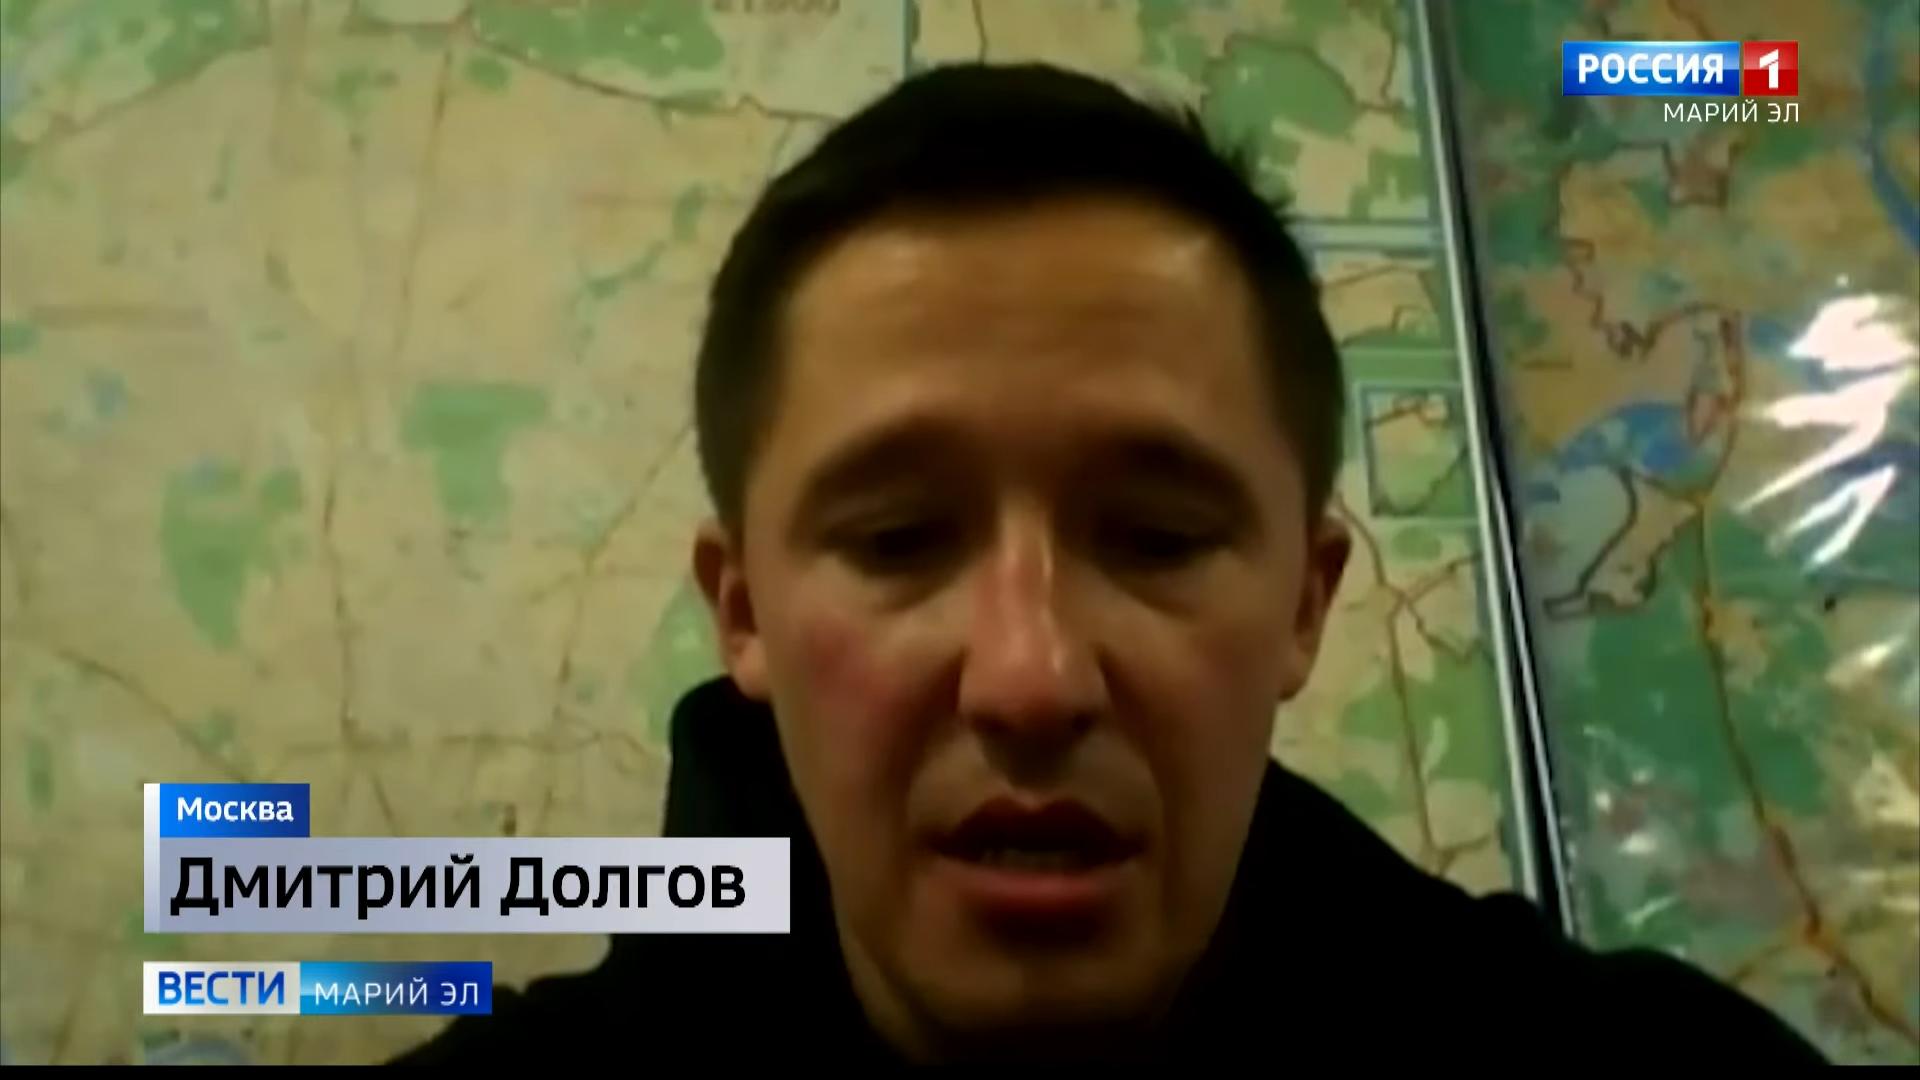 Дмитрий Долгов из Марий Эл рассказал о трагическом восхождении на Эльбрус